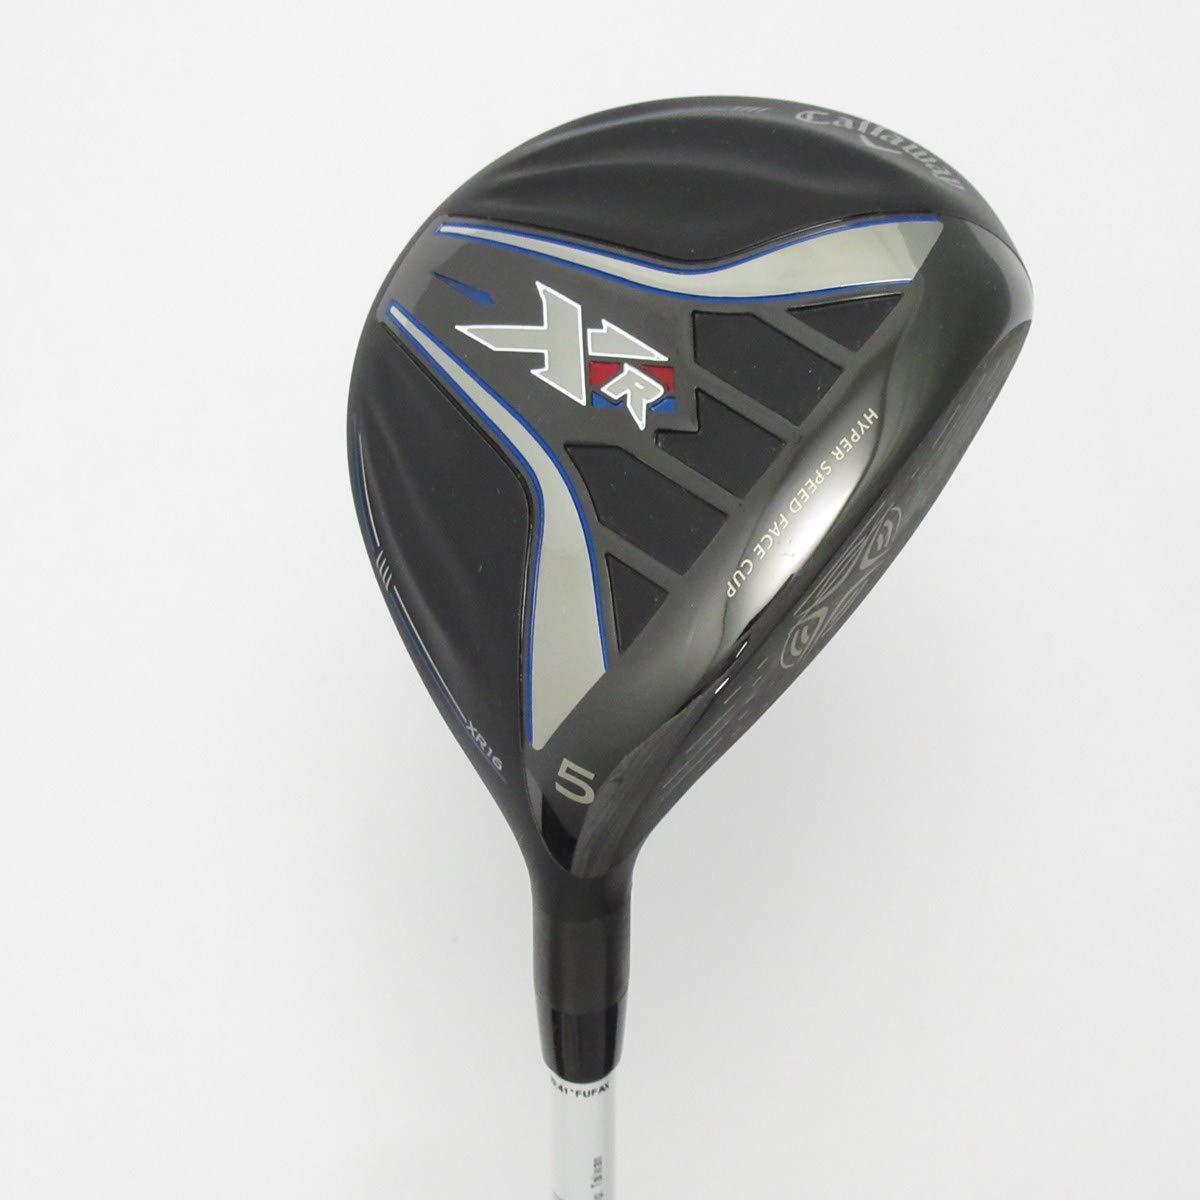 【中古】キャロウェイゴルフ XR XR 16 フェアウェイウッド XR16 【5W】 B07SQW63F4  R